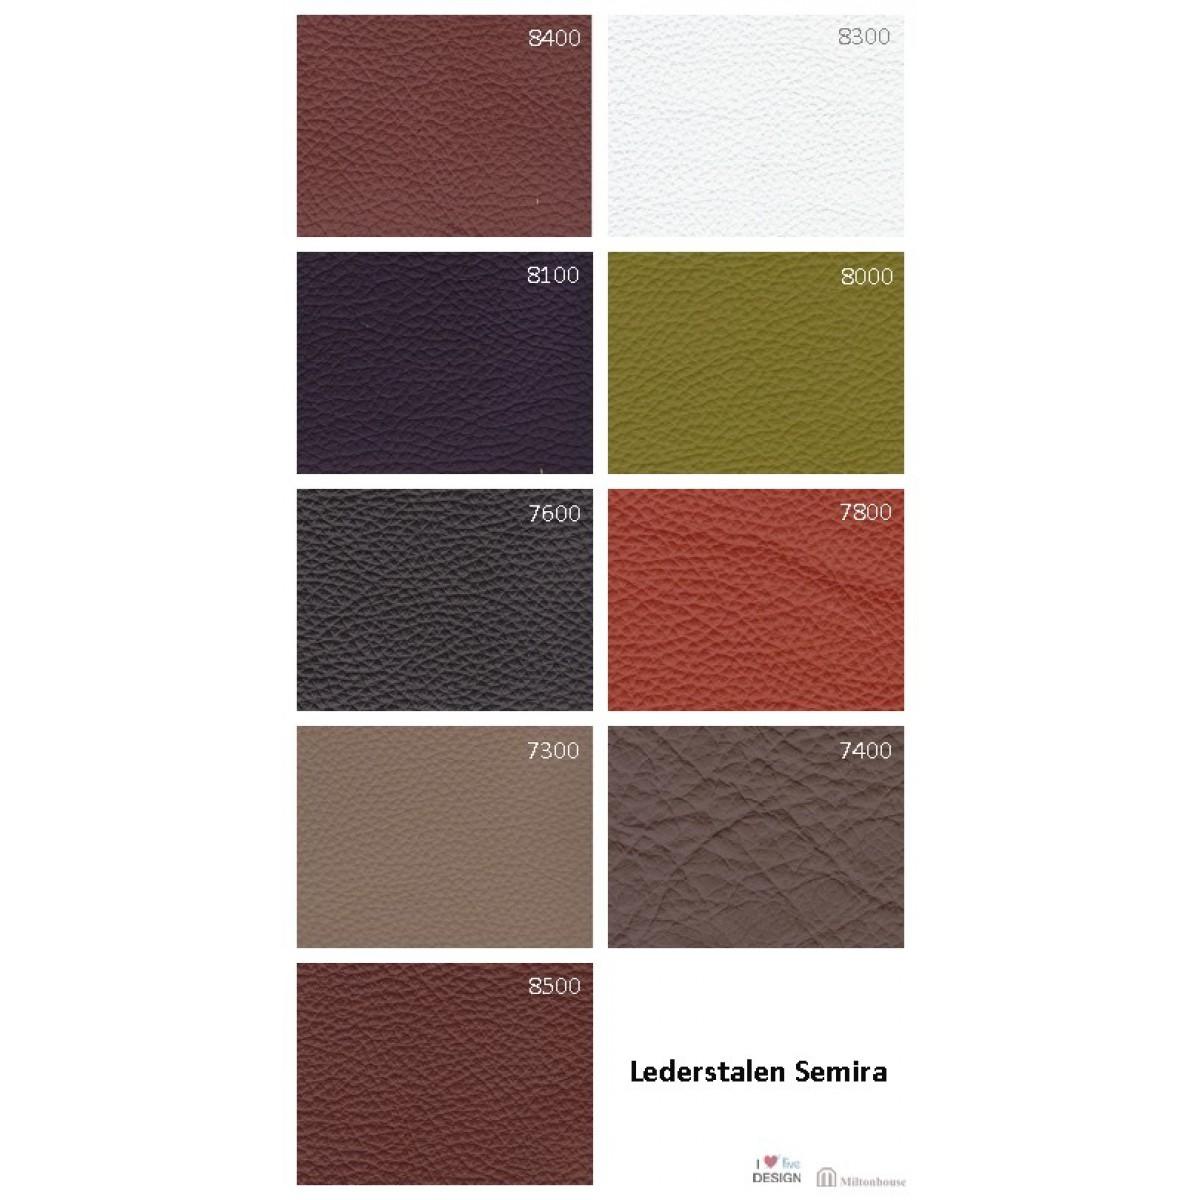 leer-leder-semira-kleuren2